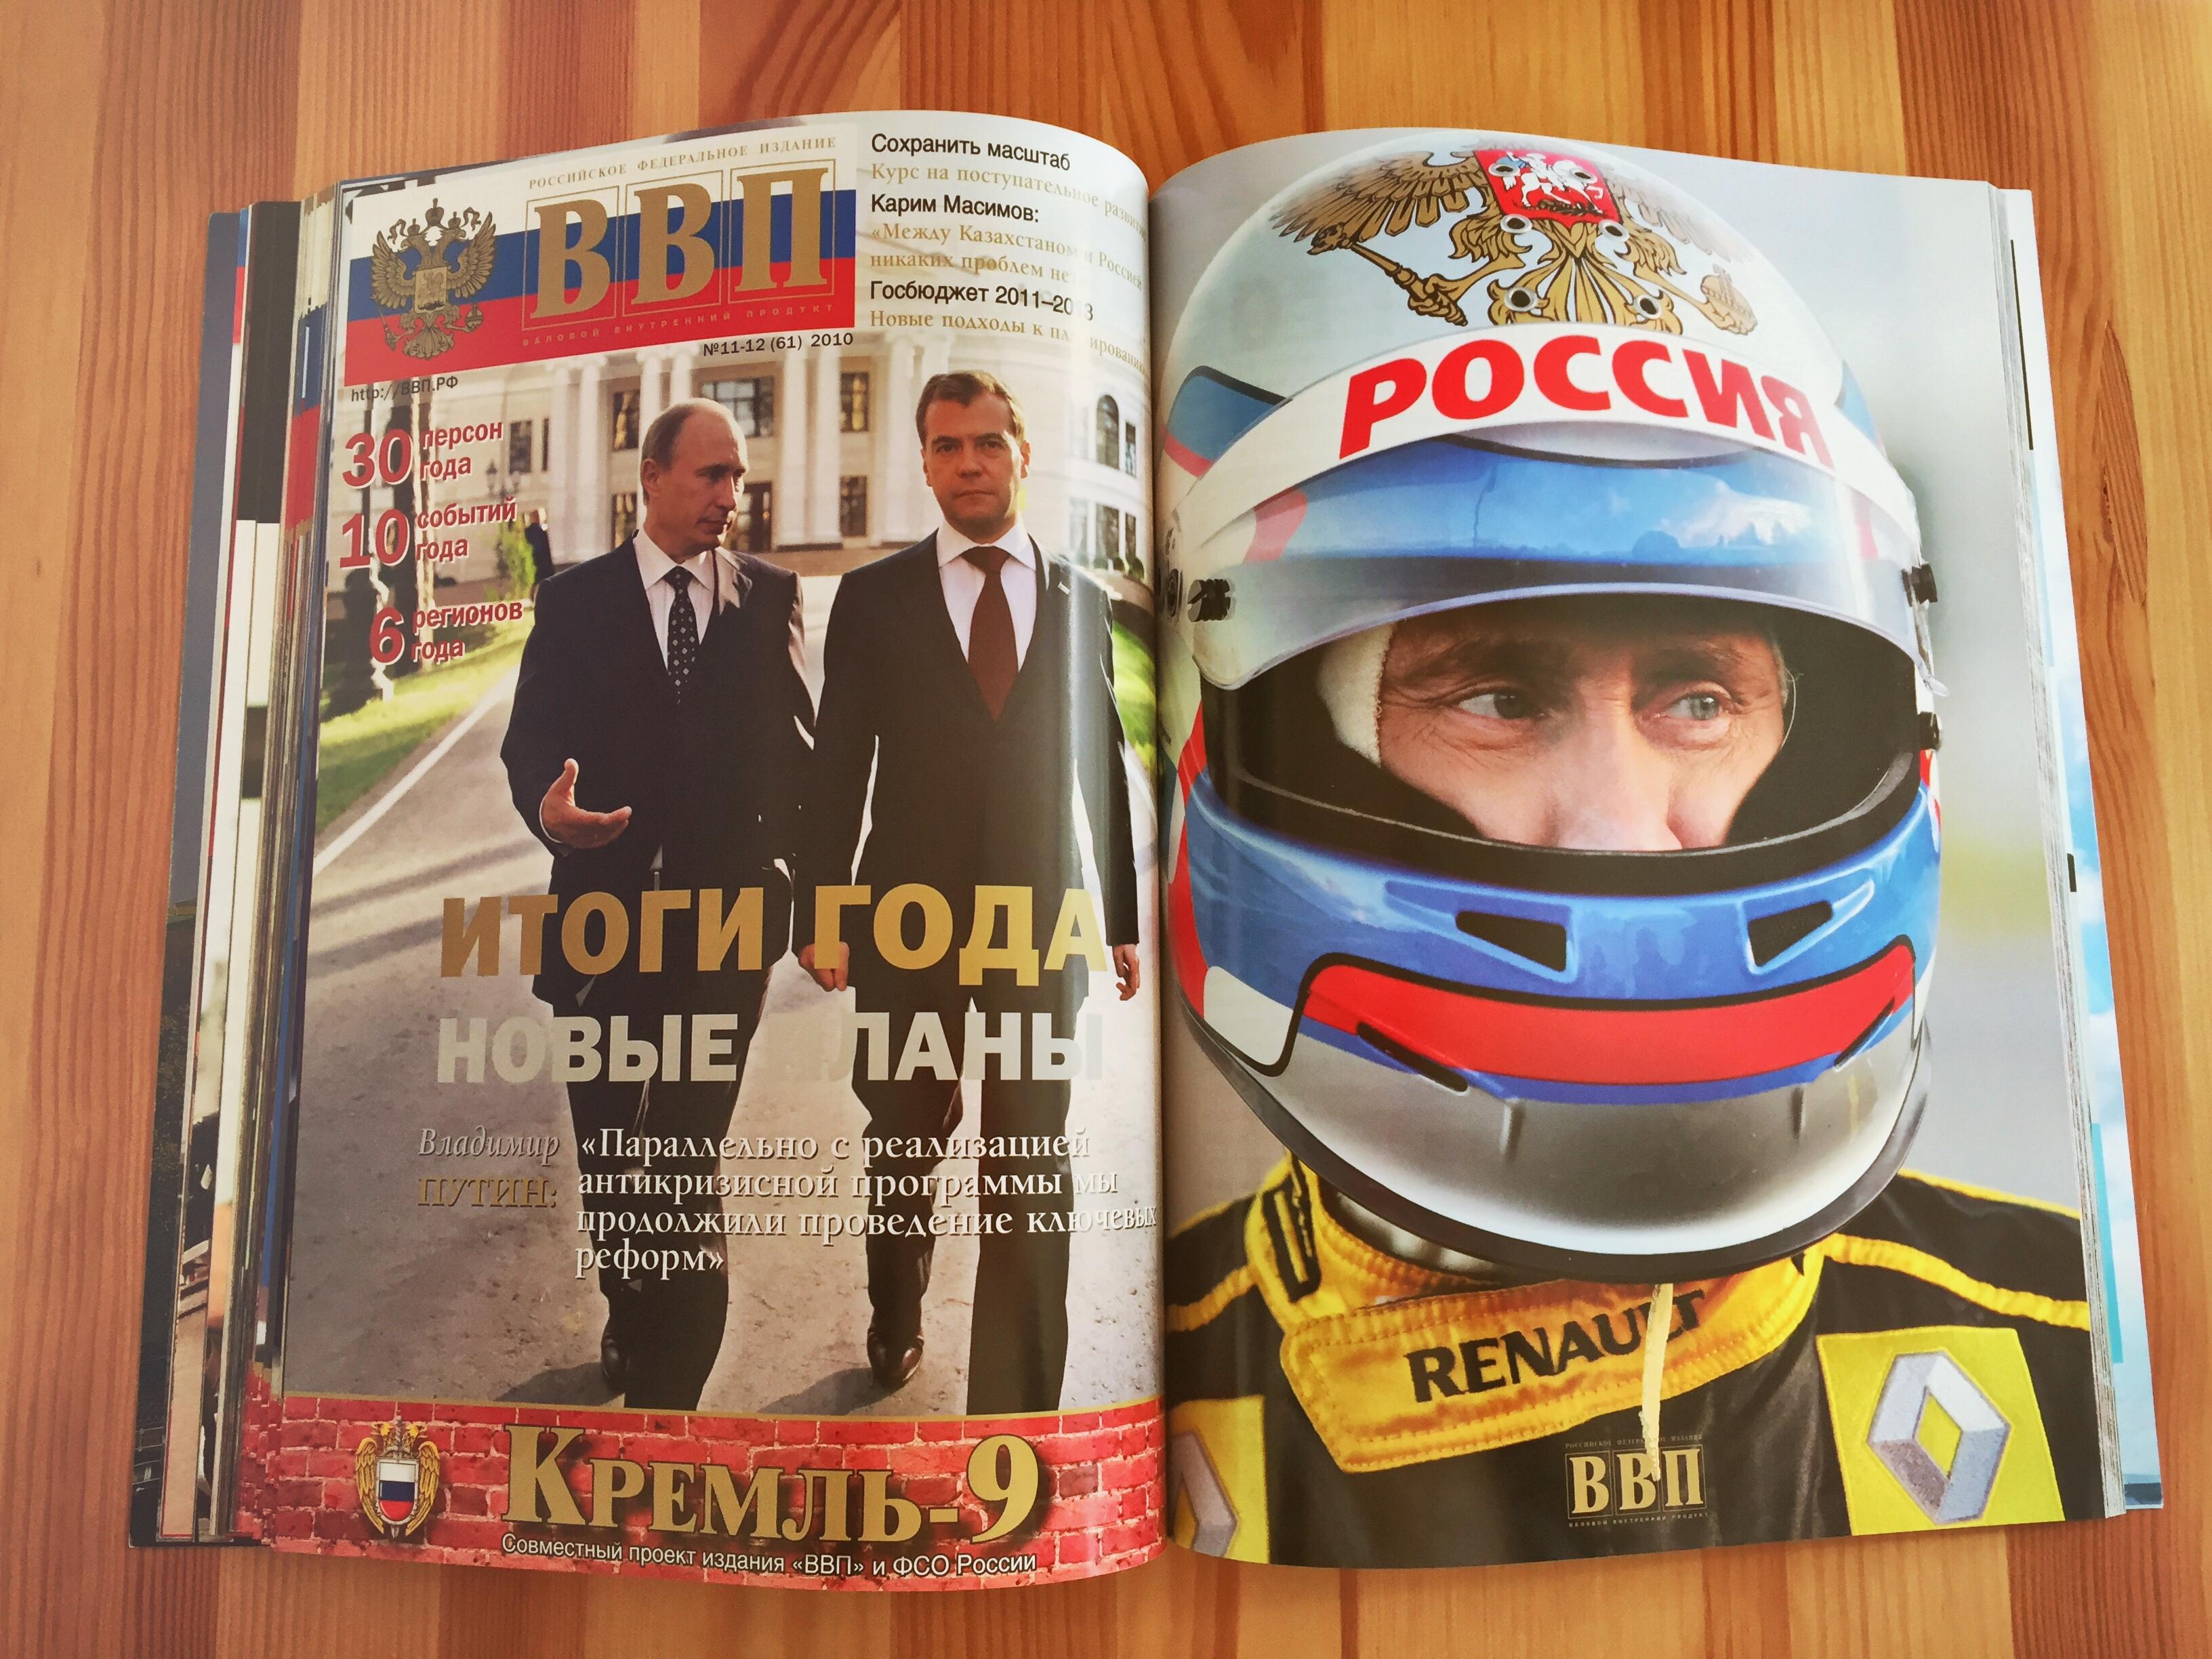 kscheib Putin der Woche Helm